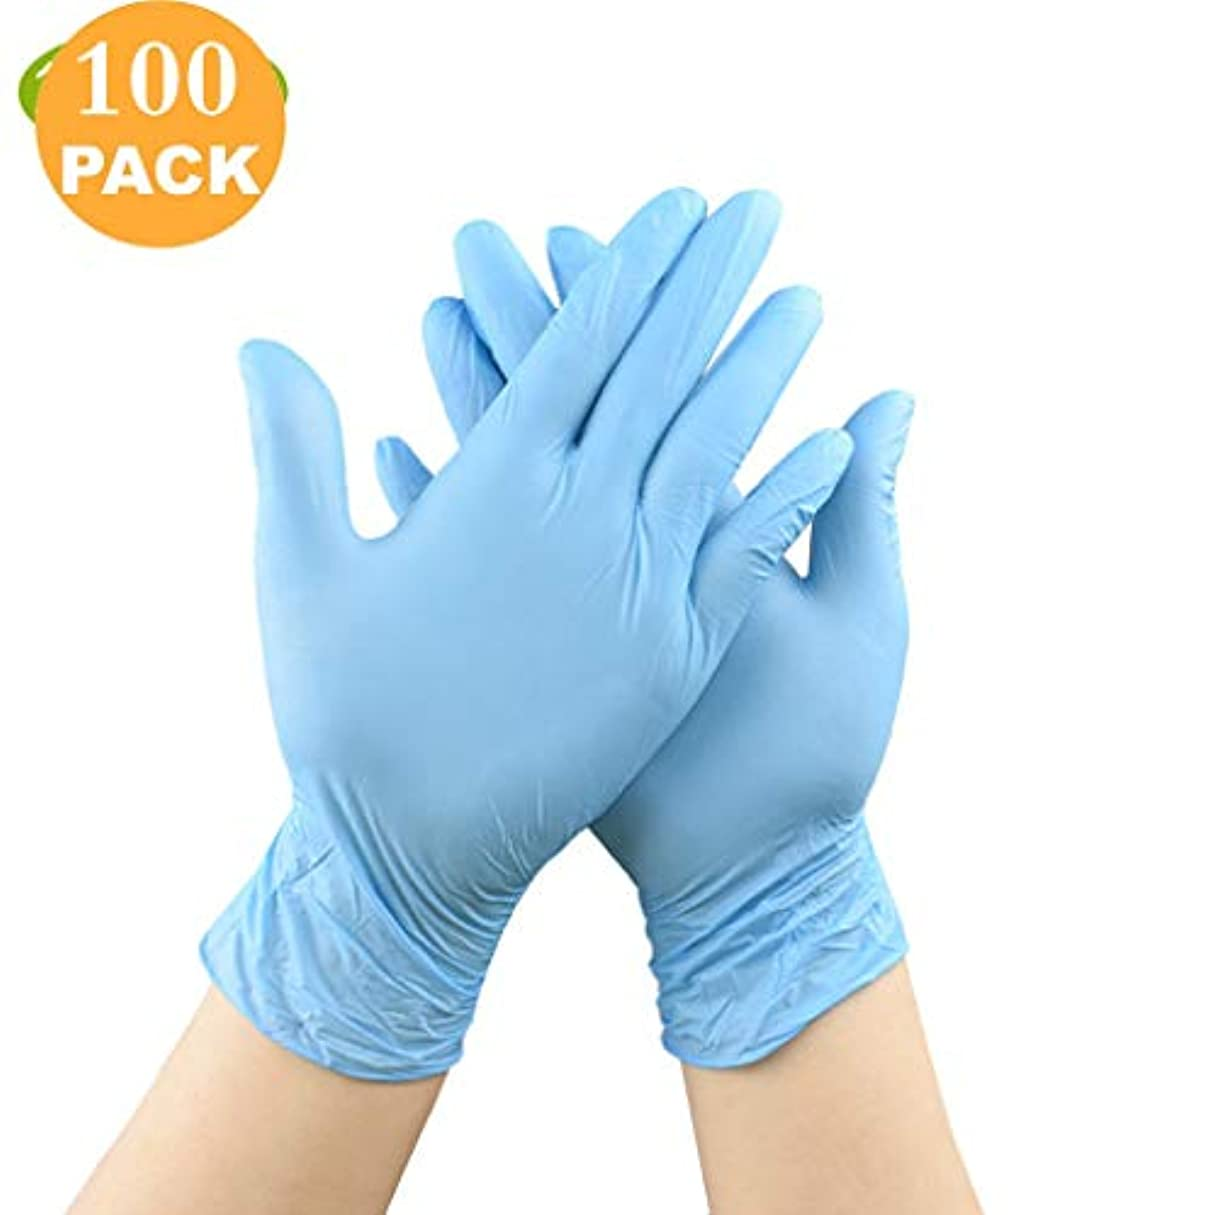 バウンド第五ばかげたニトリル使い捨てケータリングケータリング家事保護の食品用ゴム手袋ゴム手袋耐性-100パーボックス (Color : Blue, Size : L)